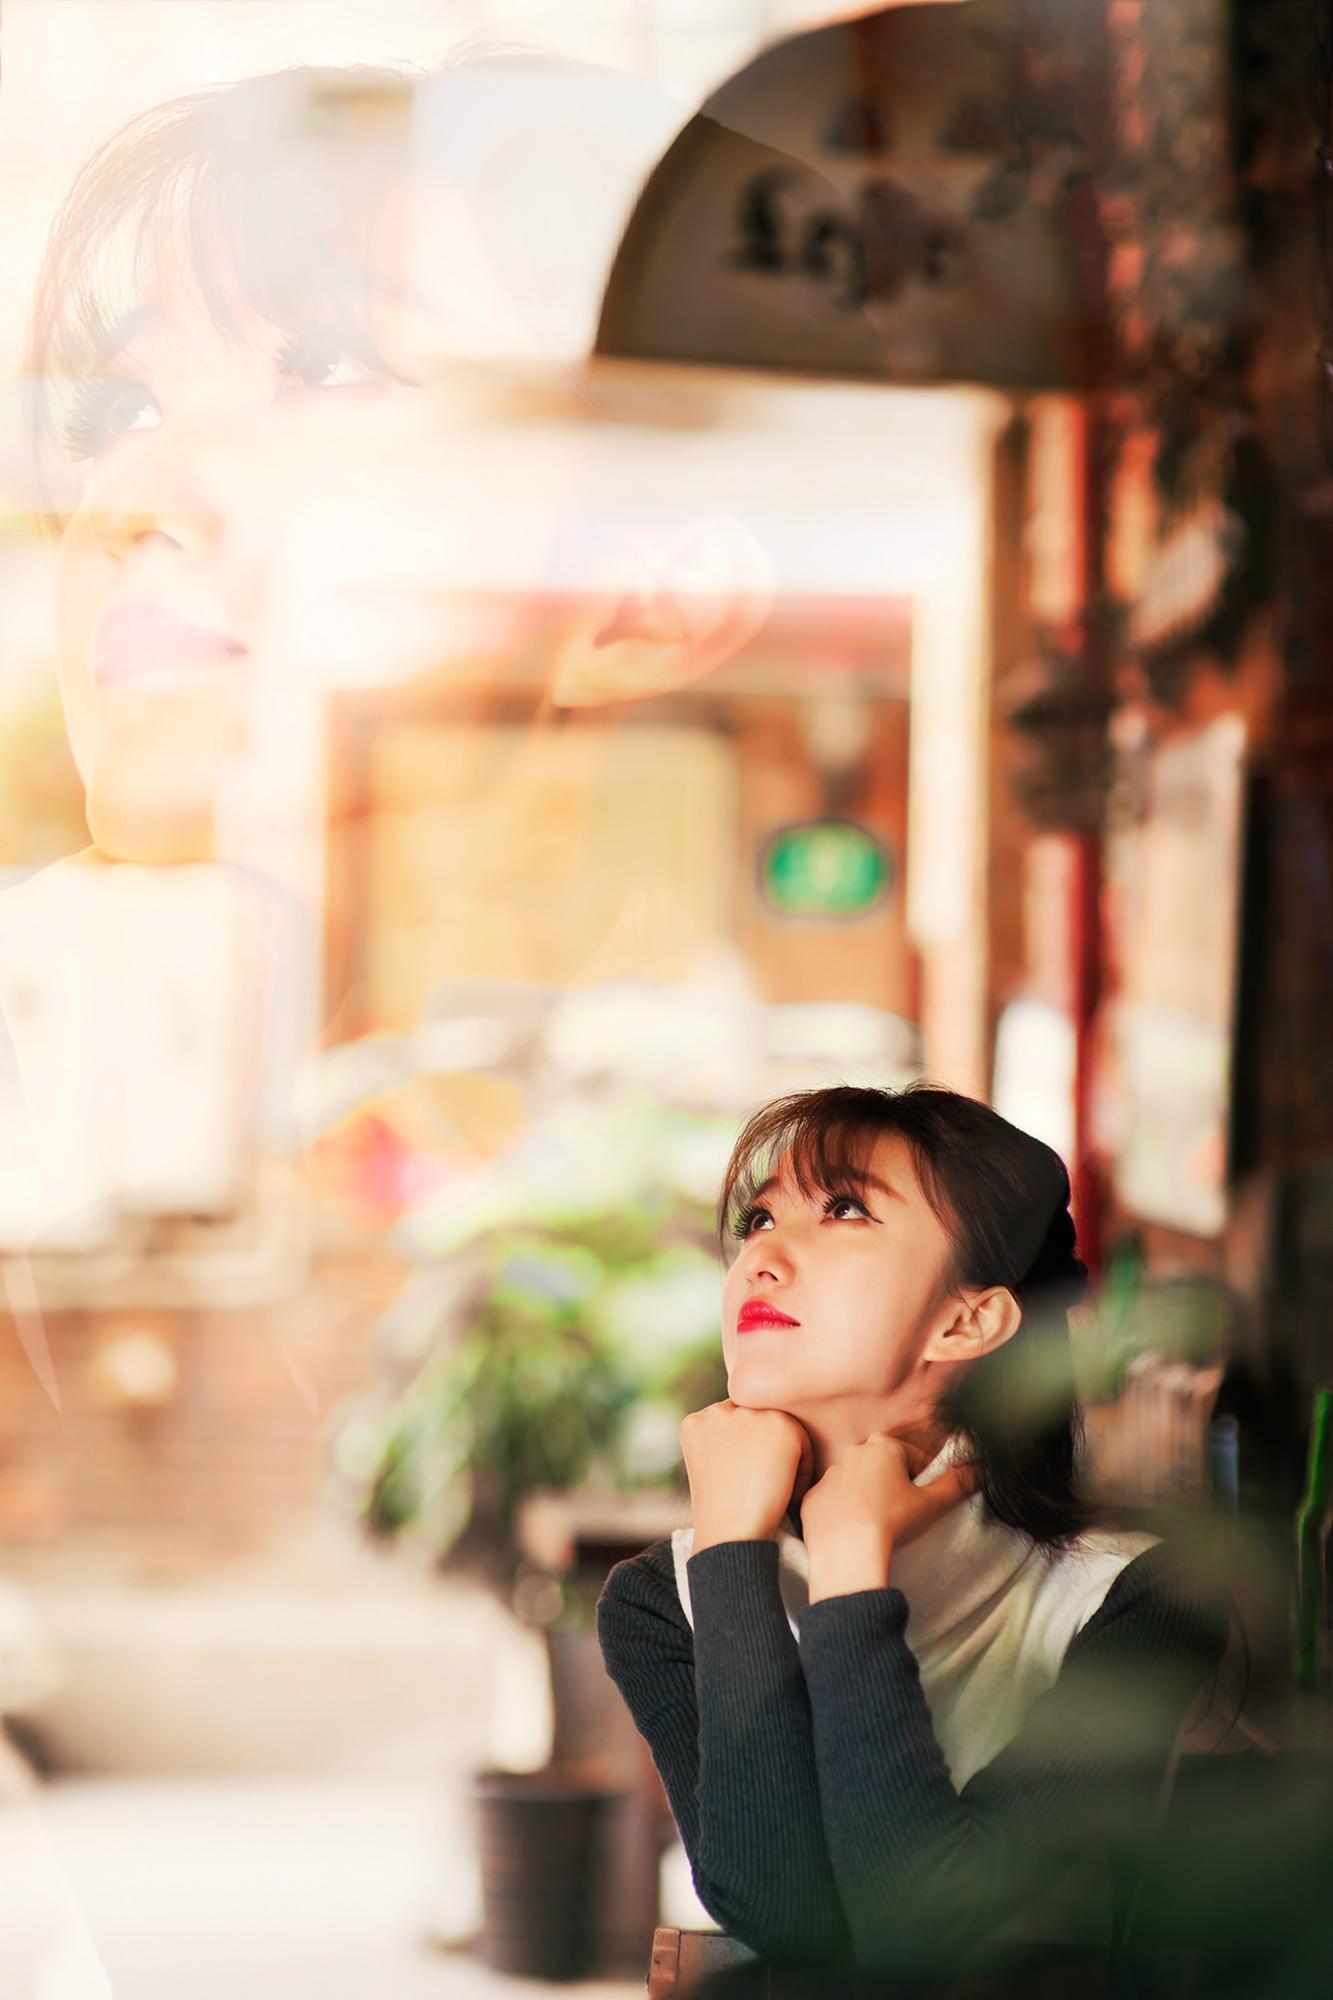 【美图共享】冬季恋歌 - 青梅酒女 - 青梅酒女的博客